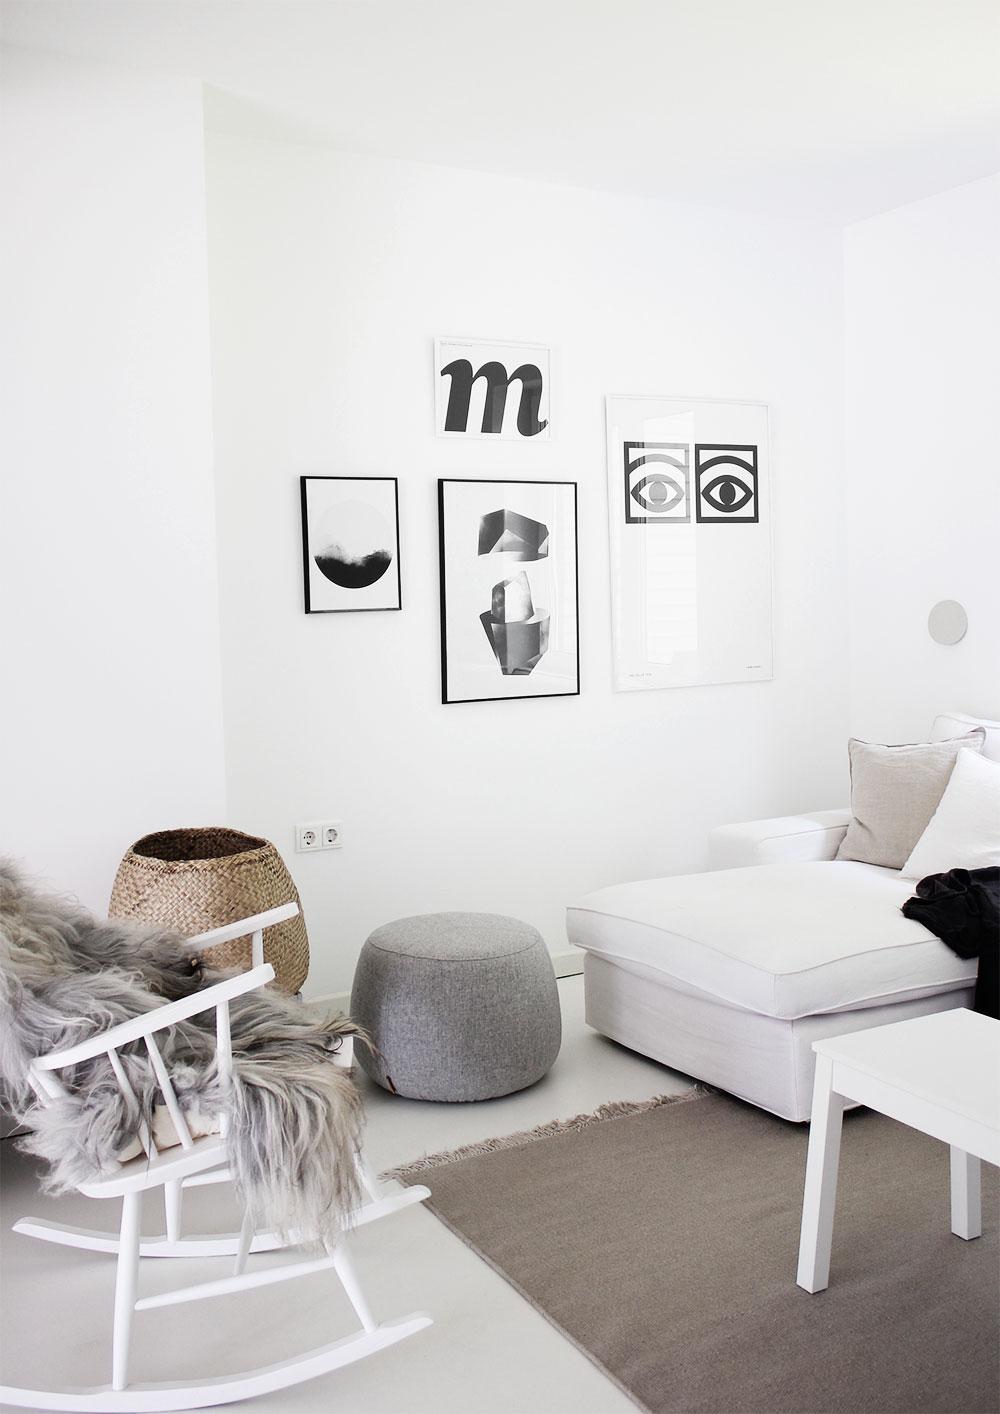 Hier Ist Unsere Sofaecke. Wir Haben Nach Wie Vor Unser Weißes Ikea KIVIK  Sofa. Der Bezug Kostet Mich Ehrlich Gesagt Schon Einige Nerven, Weil Es Mit  Zwei ...